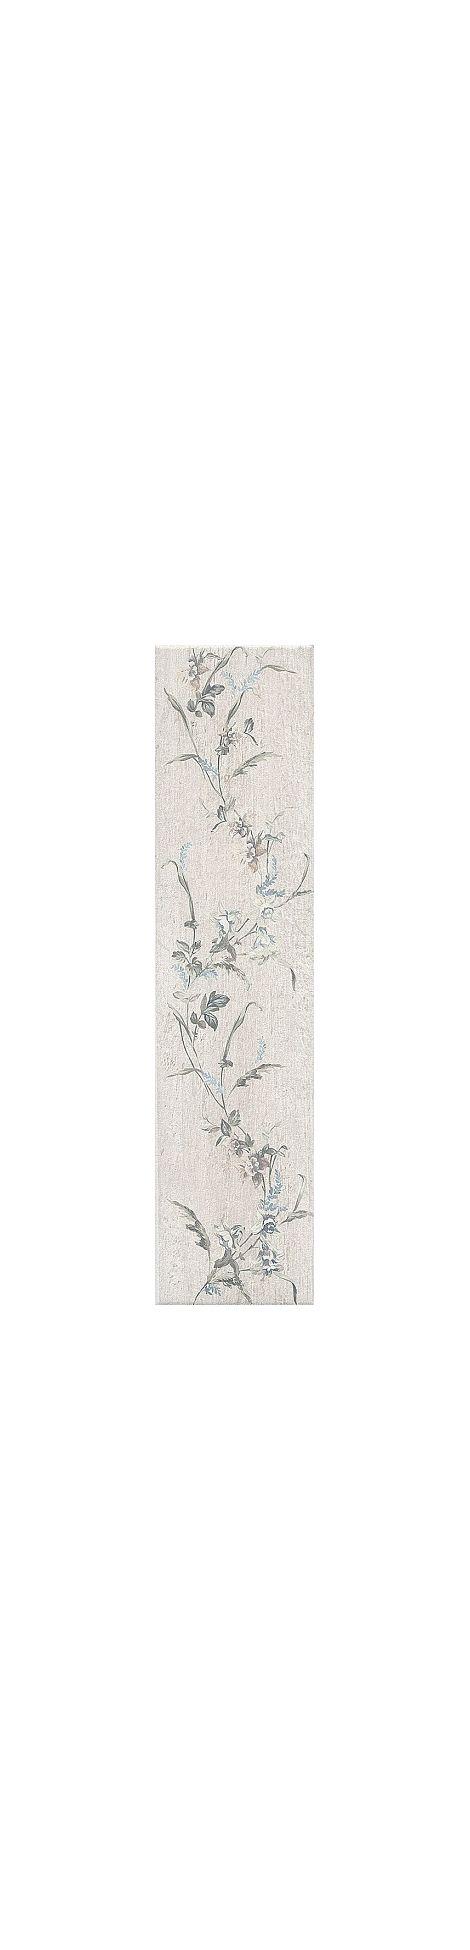 SG401600N | Кантри Шик белый напольный декор